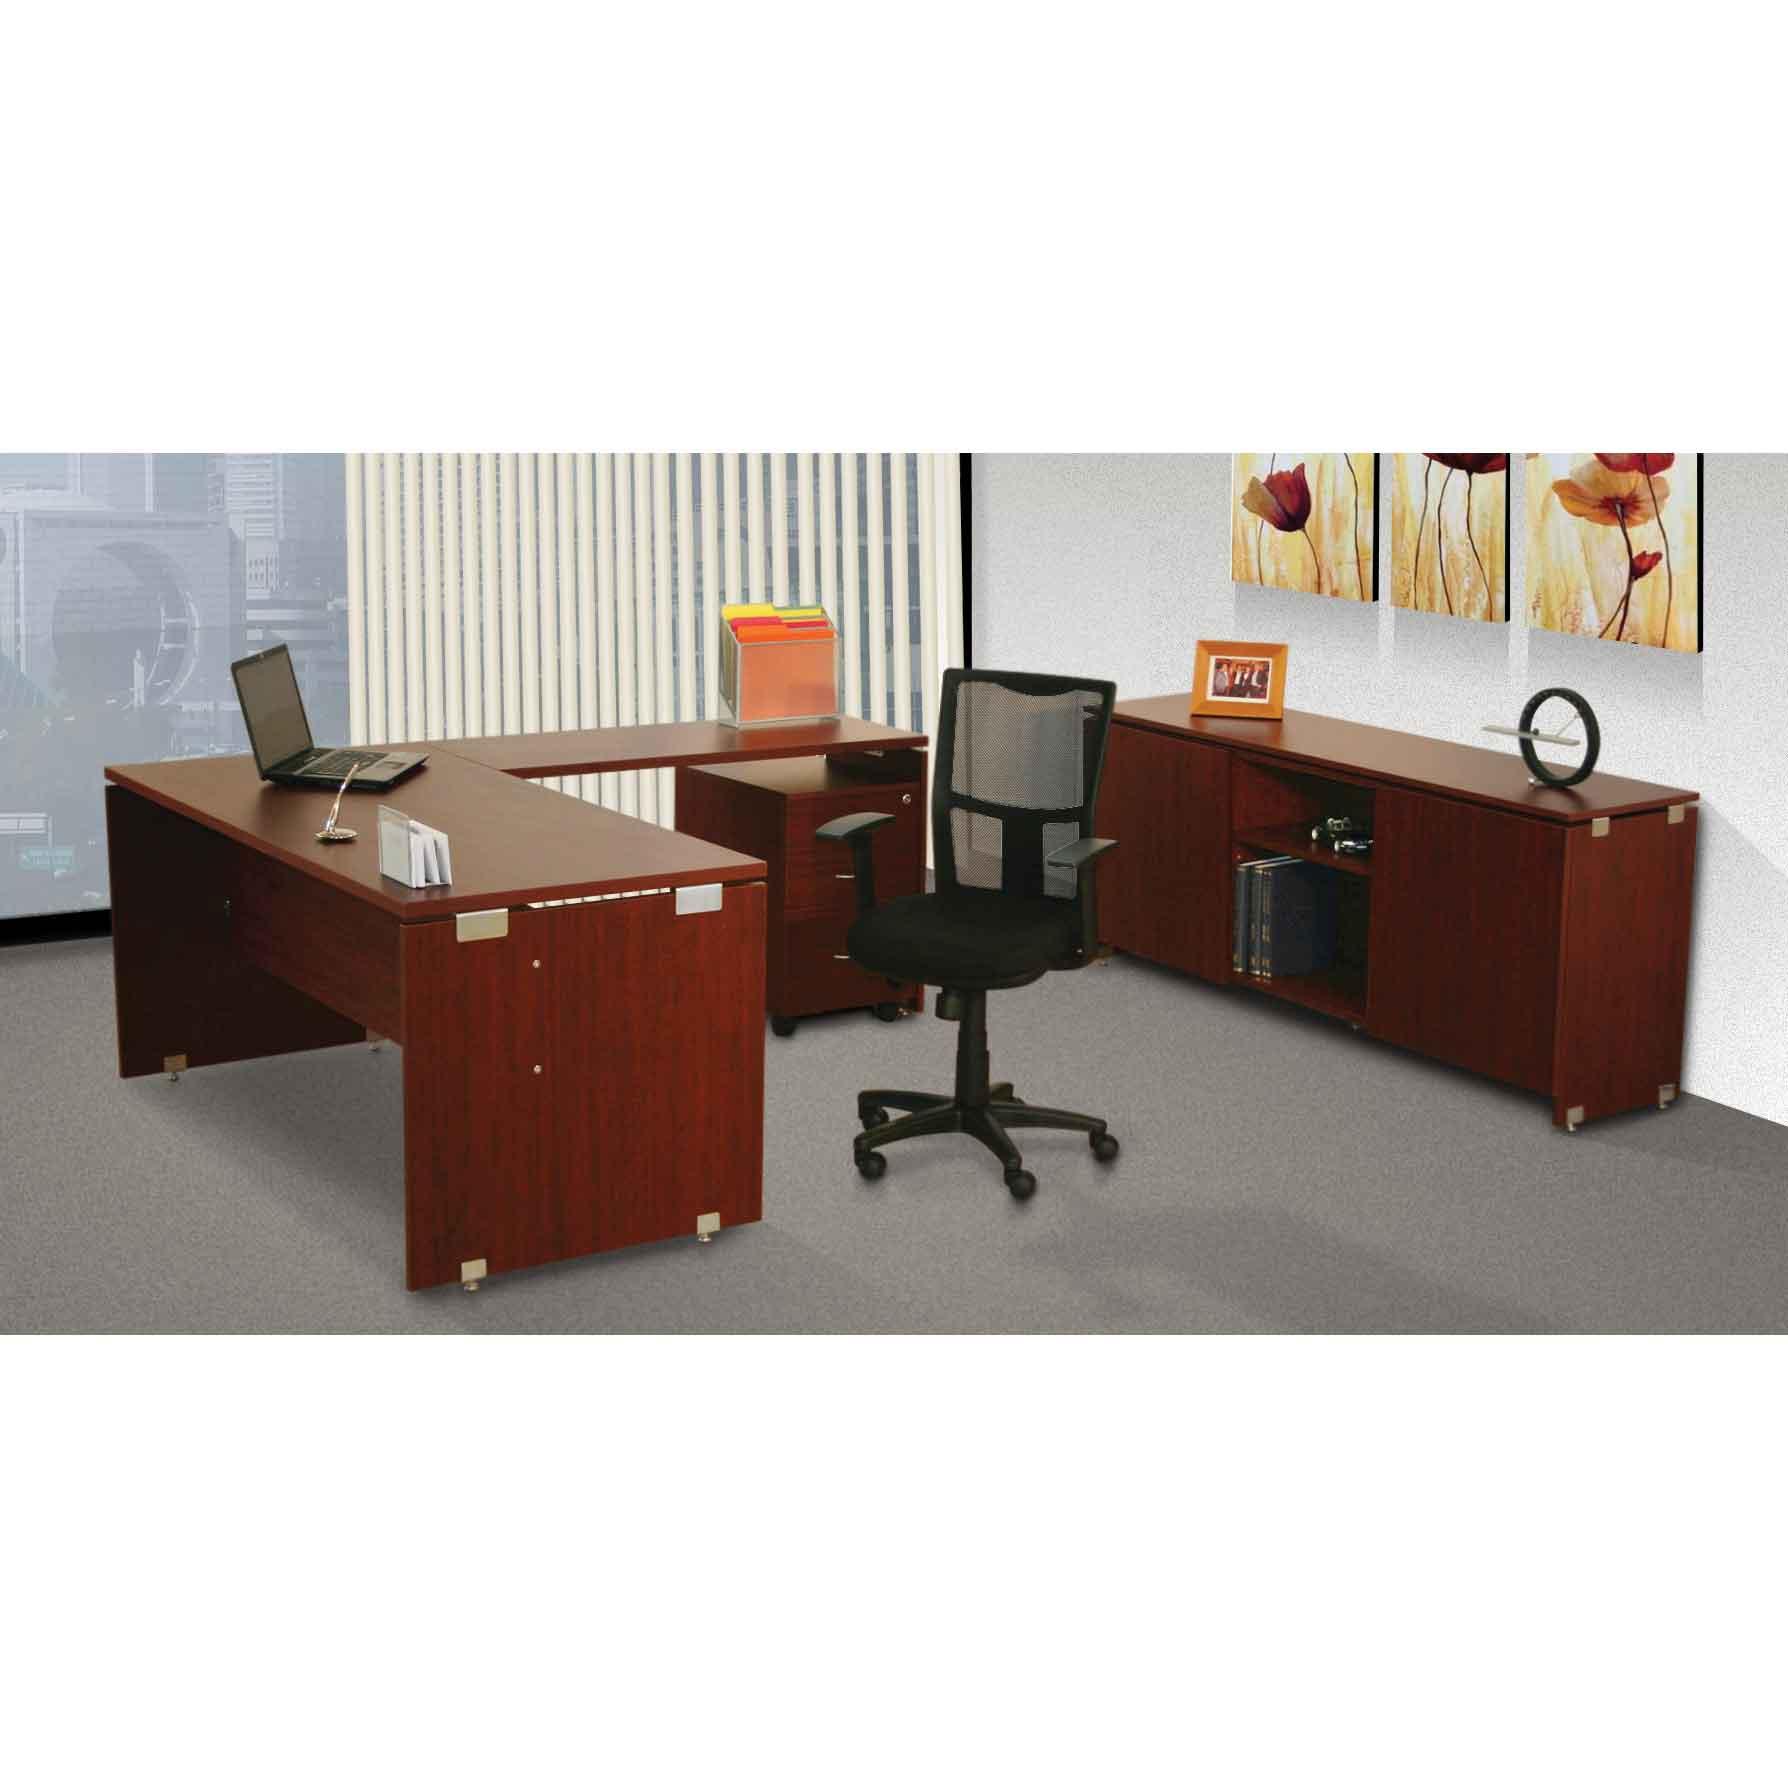 Gerencial en escuadra click grupo meta soluciones de for Medidas de muebles para oficina